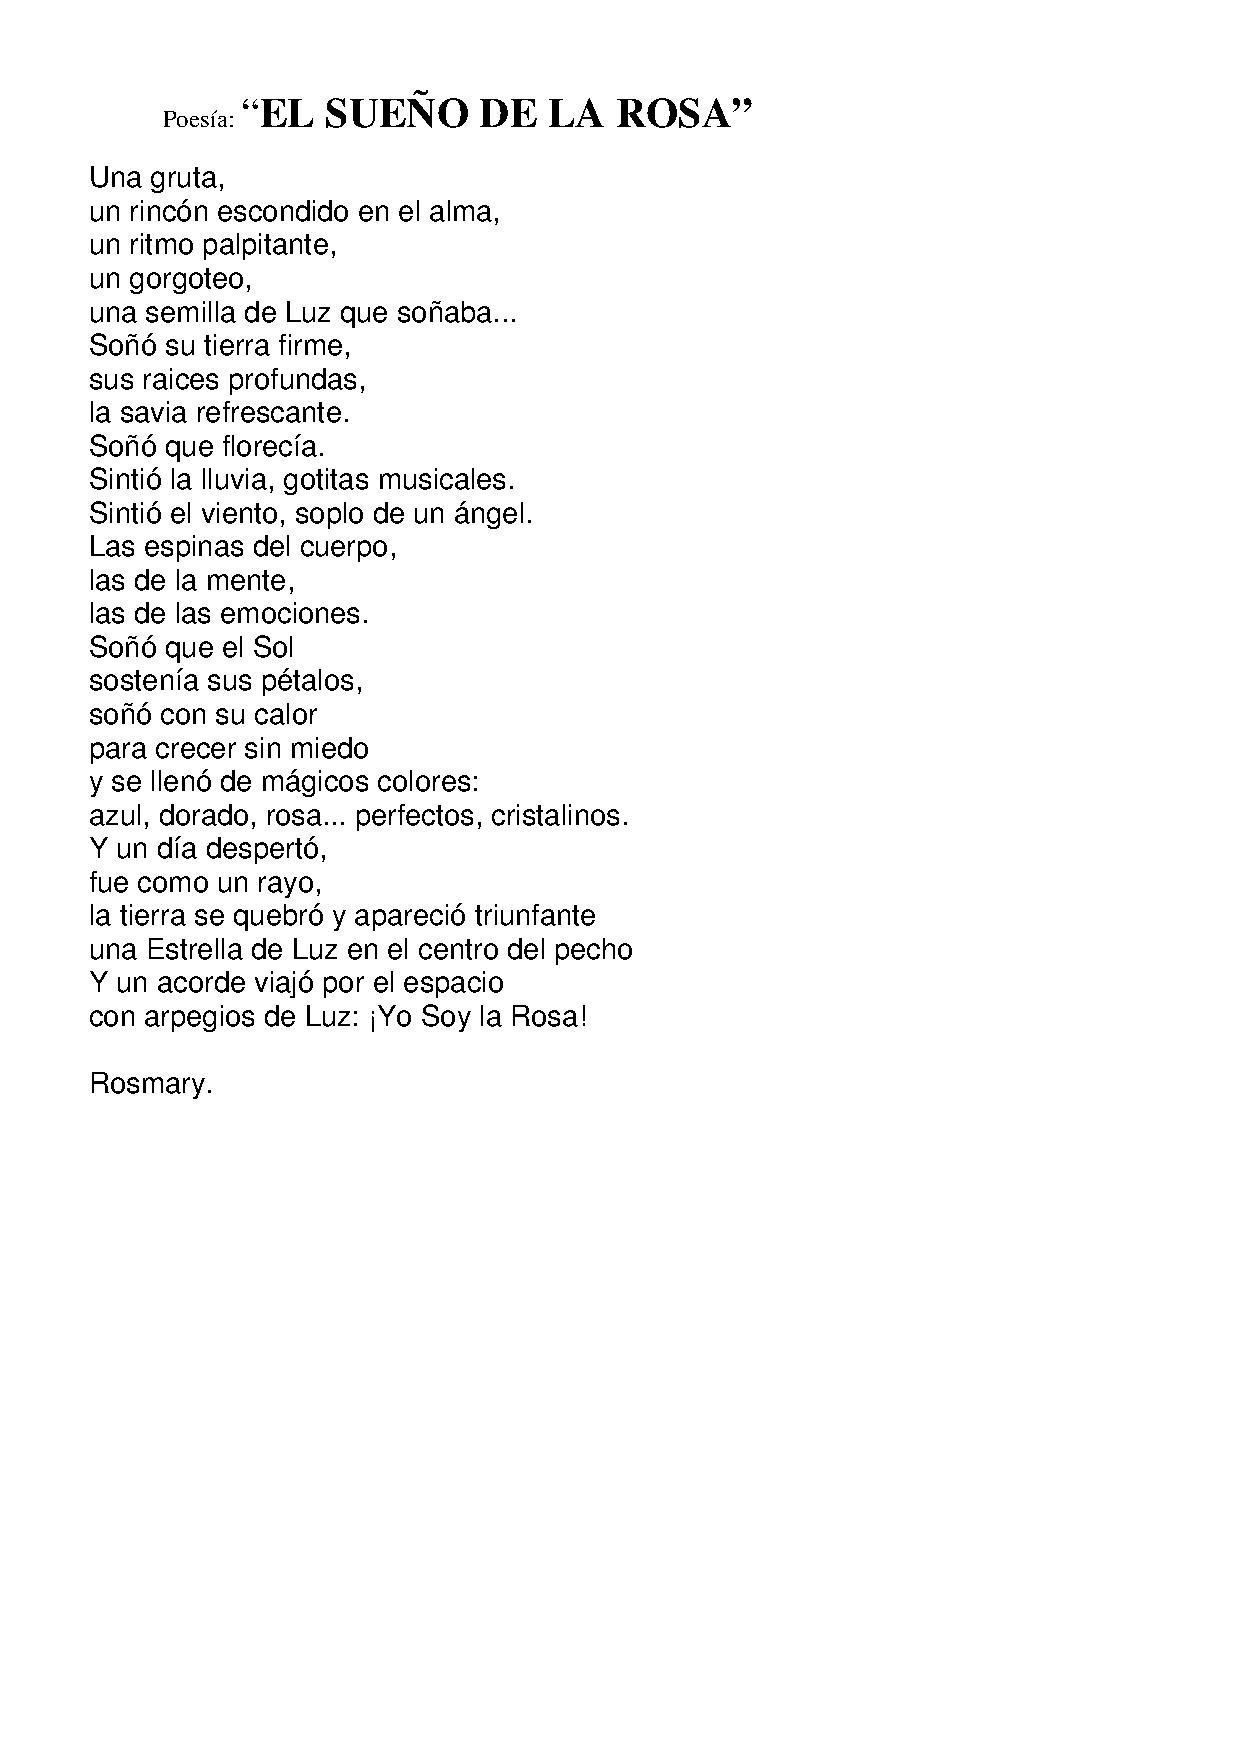 Textos_Poesias__selección_3.jpg